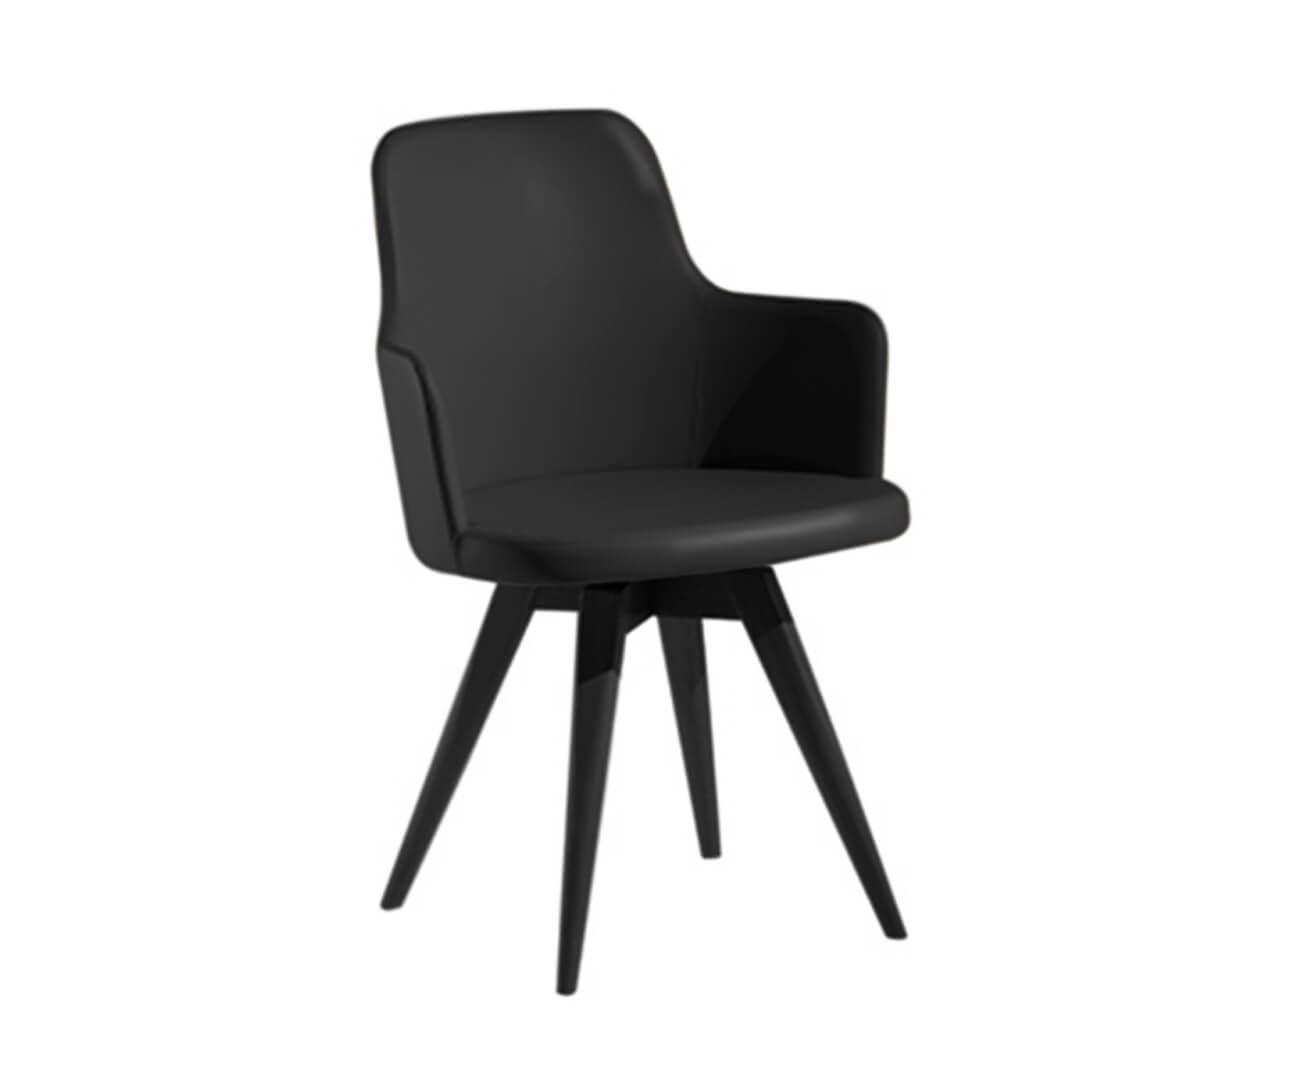 cadeira giratória base madeira hanover (couro sintético) 1146